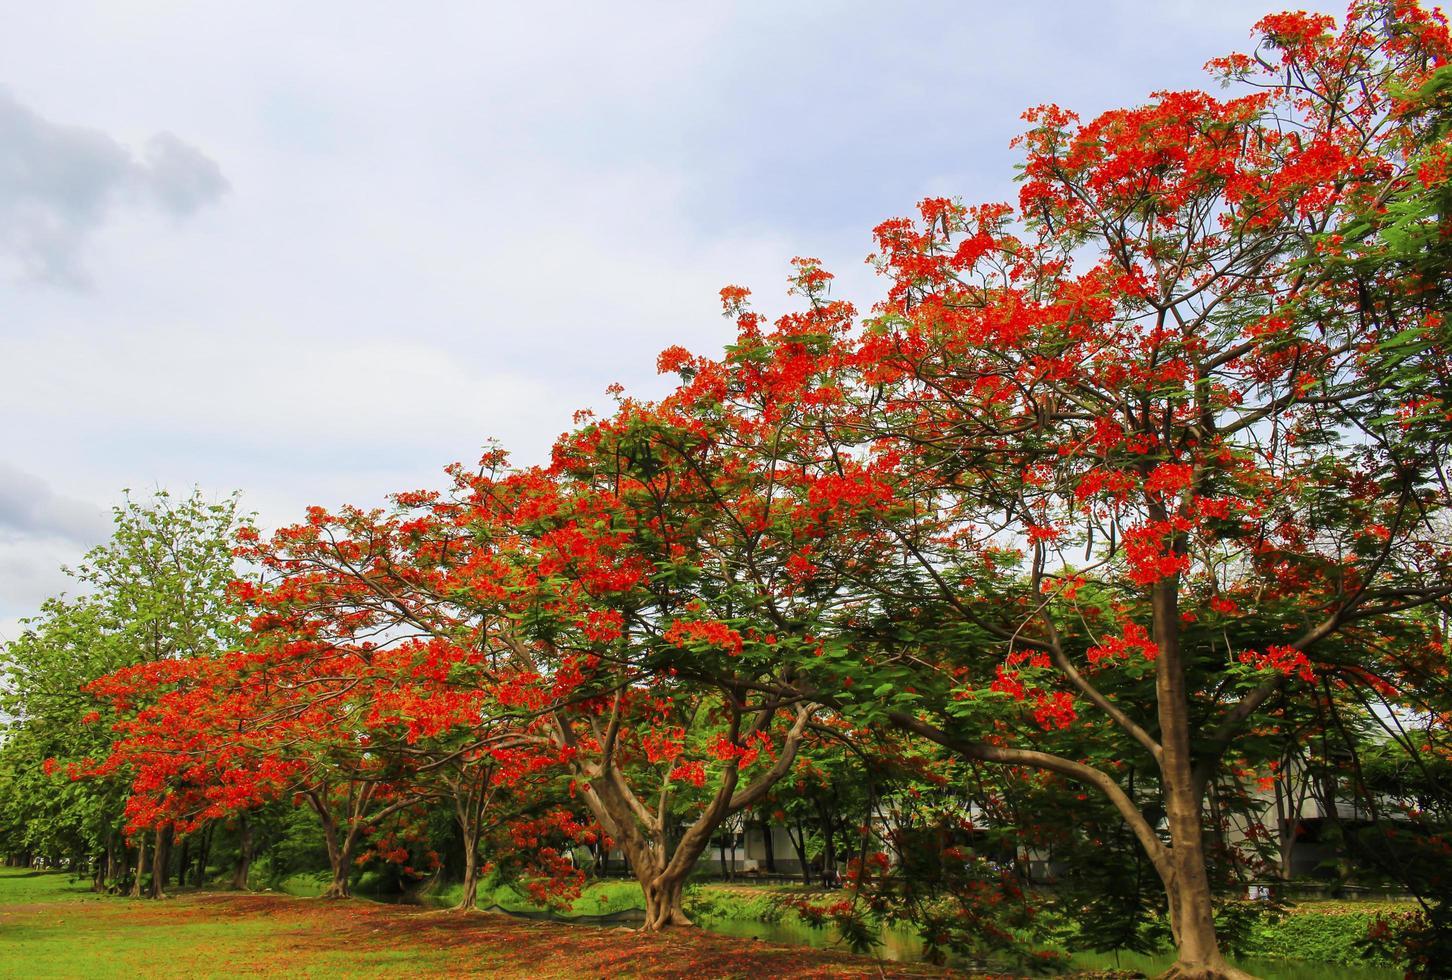 fleurs rouges sur les arbres photo